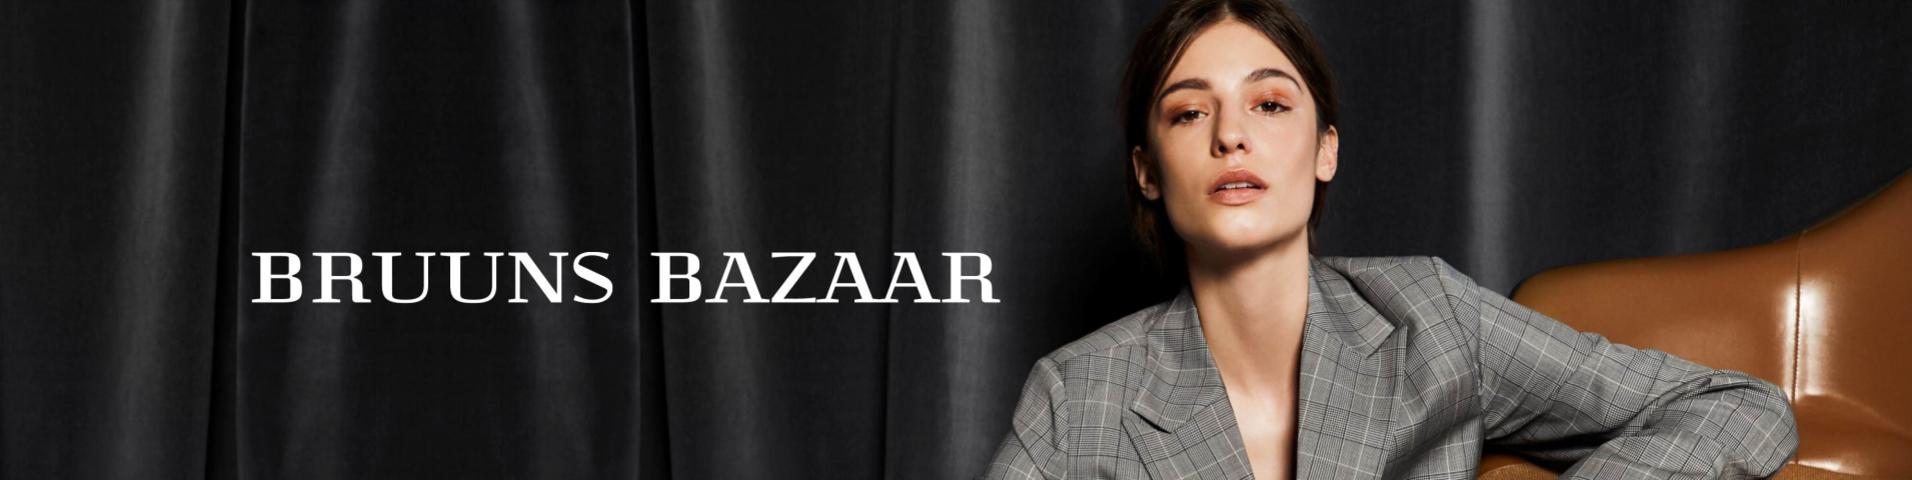 73e28fdba68d Bruuns Bazaar Damkläder online   Köp damkläder på Zalando.se